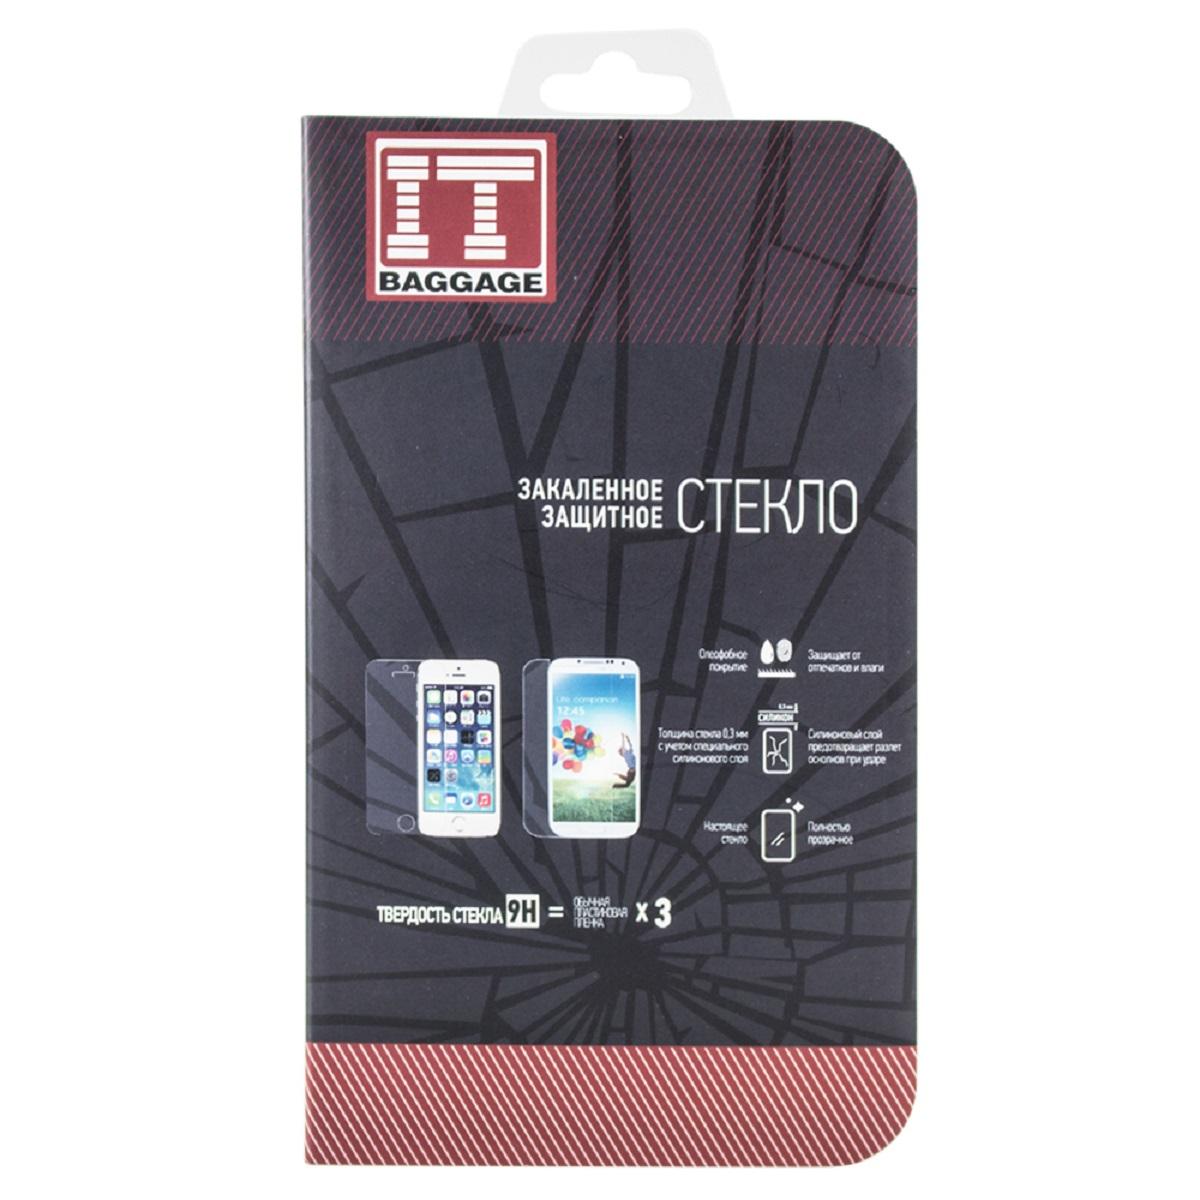 IT Baggage защитное стекло для Meizu PRO 5ITMZPRO5GЗакаленное стекло IT Baggage для Meizu PRO 5 - это самый верный способ защитить экран от повреждений и загрязнений. Обладает высочайшим уровнем прозрачности и совершенно не влияет на отклик экранного сенсора и качество изображения. Препятствует появлению отпечатков и пятен. Удалить следы жира и косметики с поверхности аксессуара не составить ни какого труда.Характеристики защитного стекла делают его износостойким к таким механическим повреждениям, как царапины, сколы, потертости. При сильном ударе разбившееся стекло не разлетается на осколки, предохраняя вас от порезов, а экран устройства от повреждений.После снятия защитного стекла с поверхности дисплея, на нем не остаются повреждения, такие как потертости и царапины.